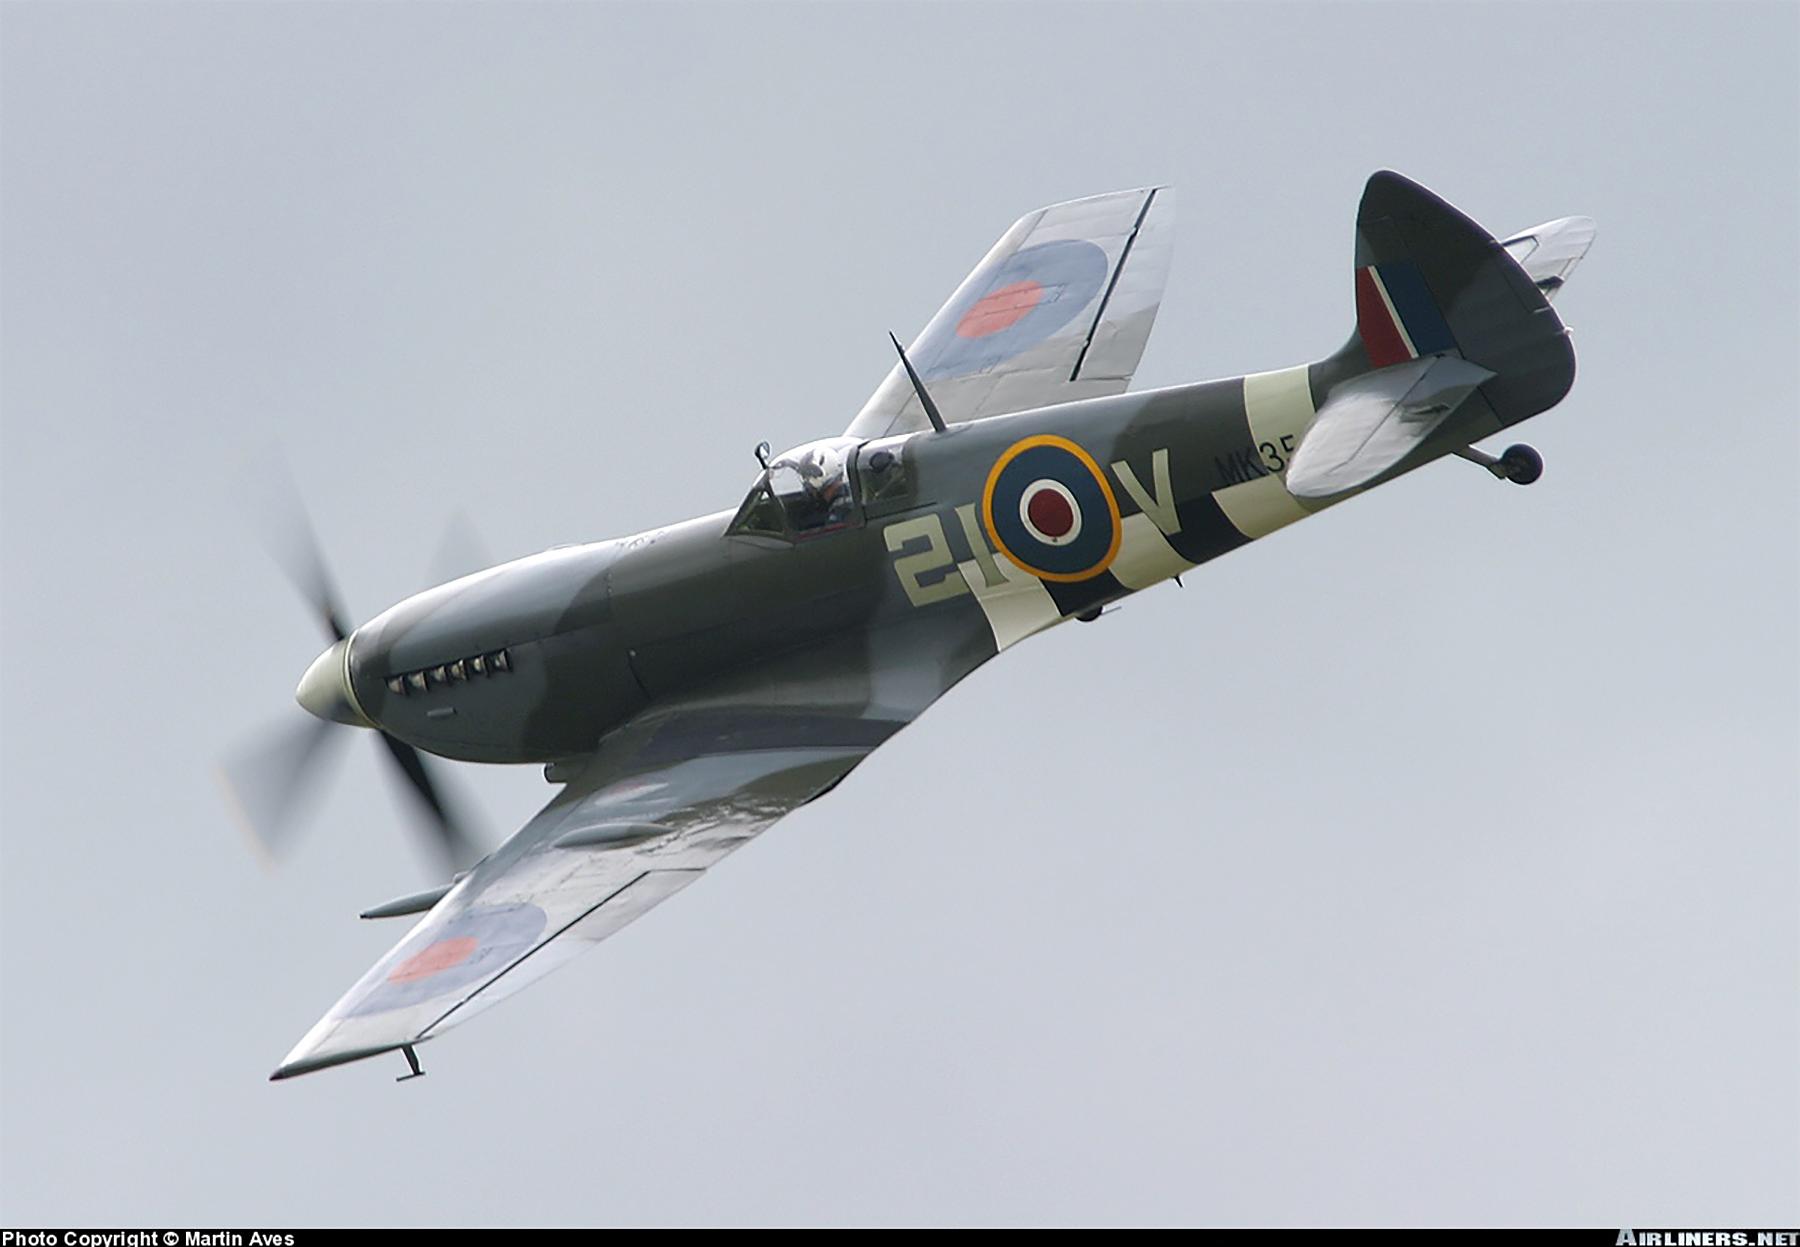 Airworthy Spitfire warbird MkIXe RCAF 443Sqn 2IV MK356 07